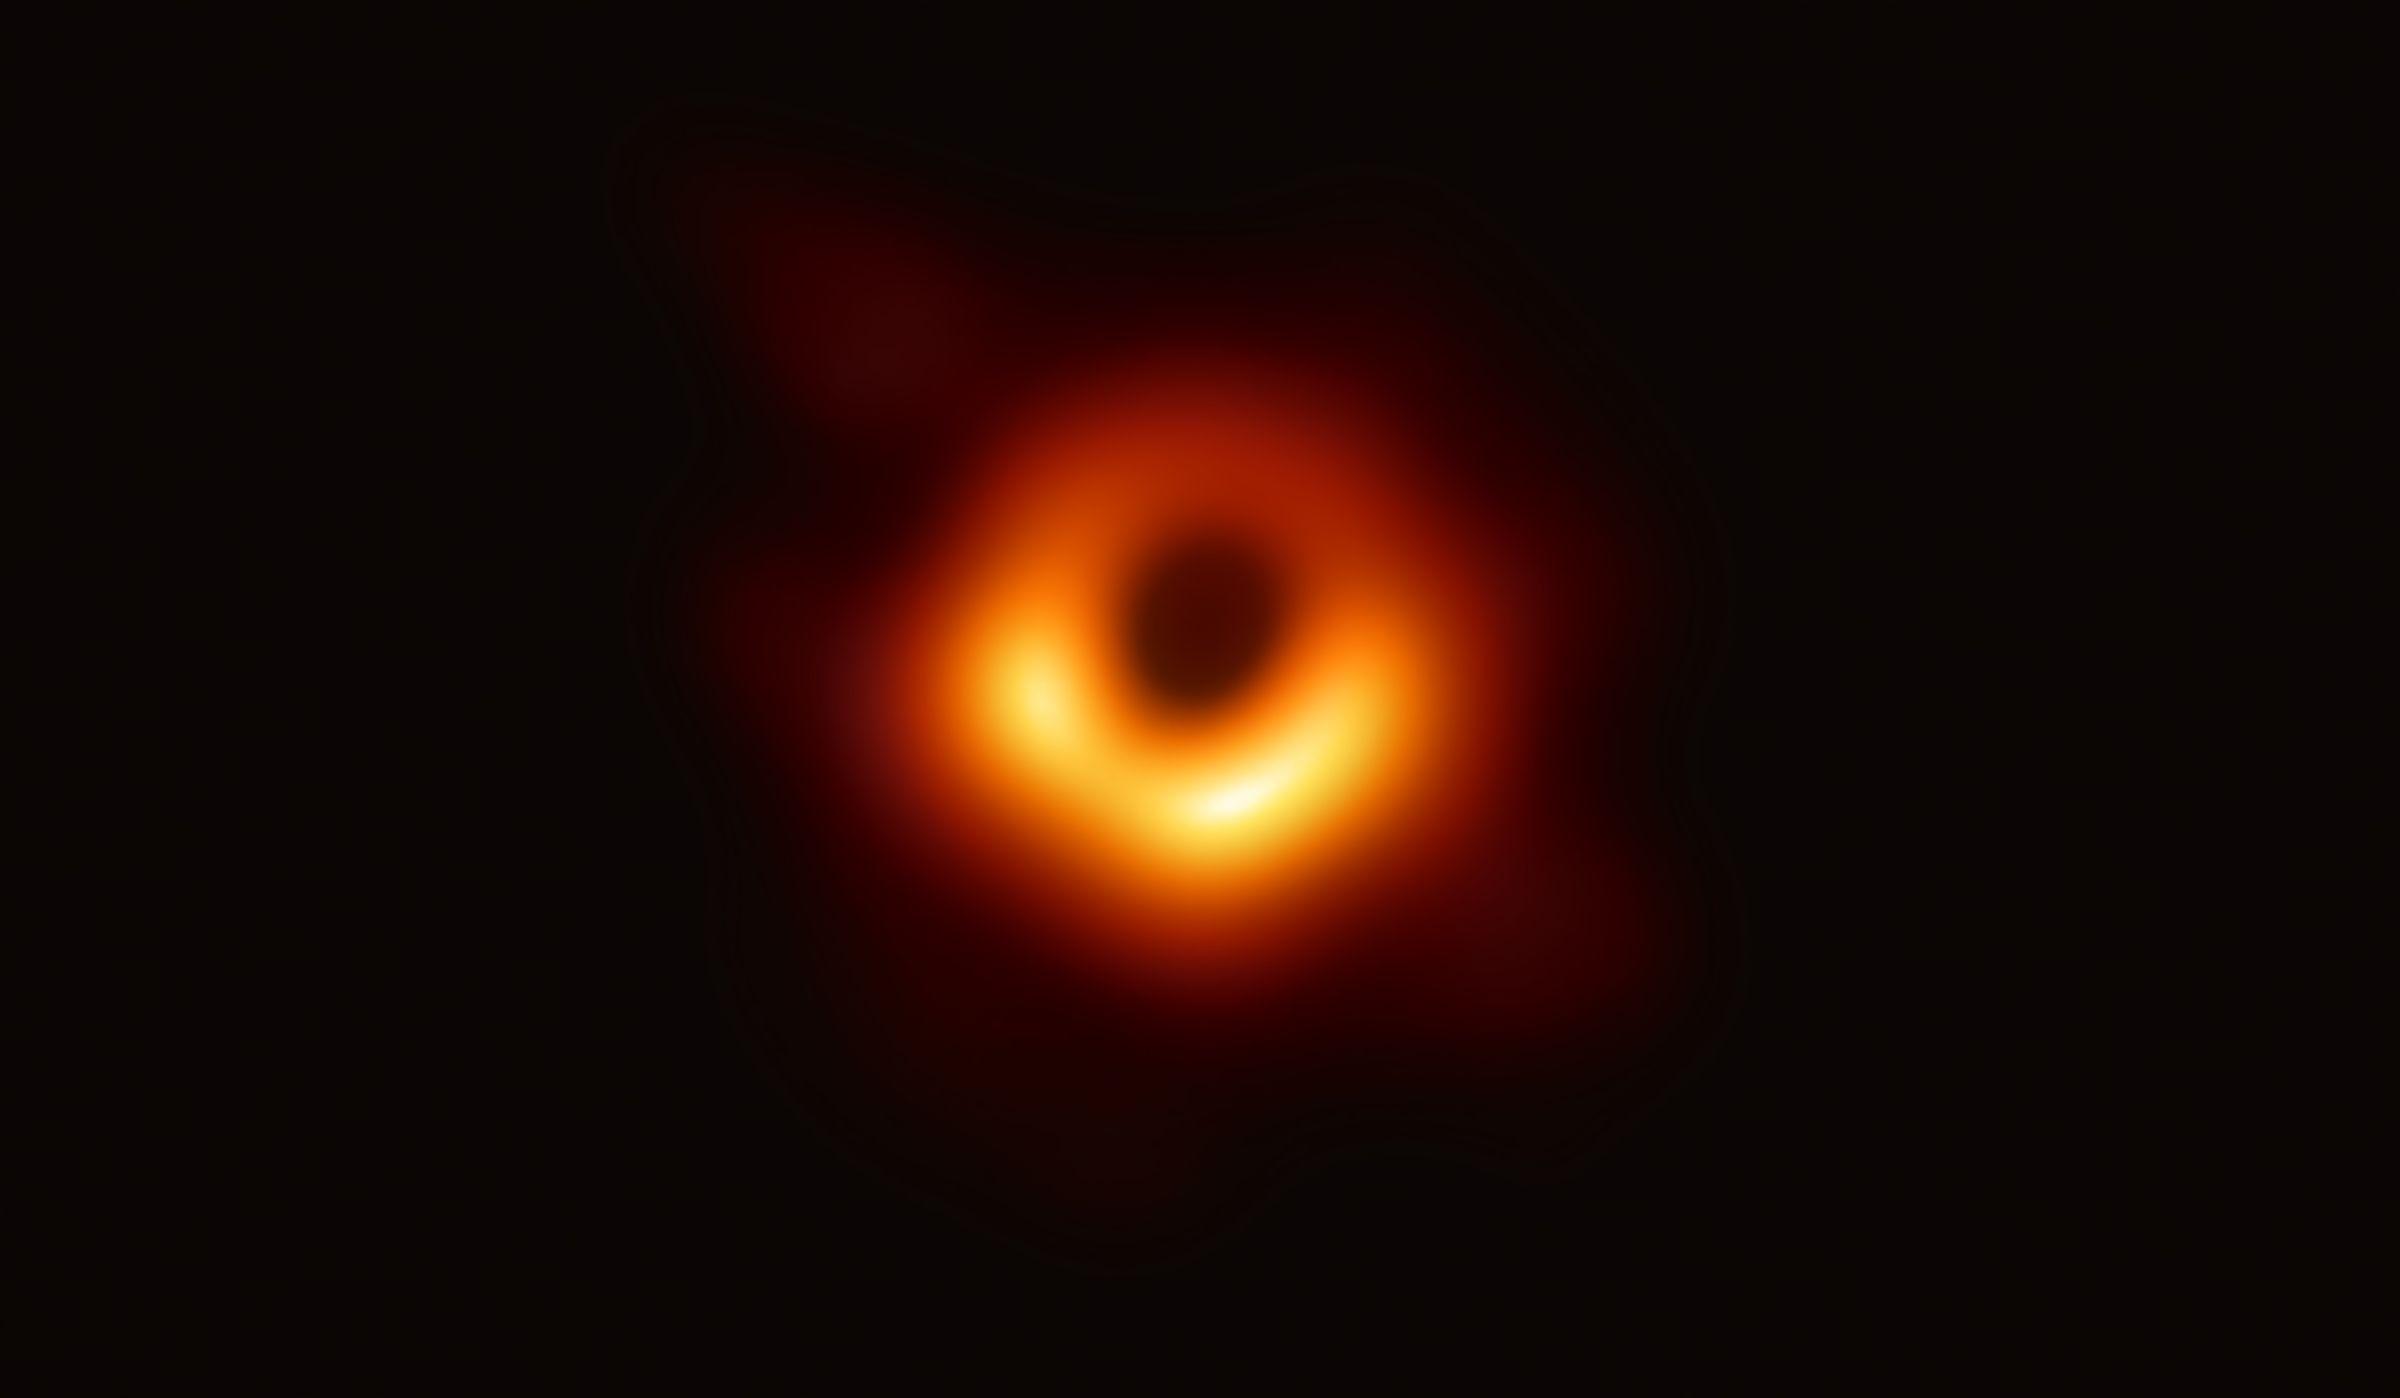 Una imagen inédita: así se captó la primera foto de un agujero negro.No exame tipo test, le ben as instrucións antes de comezar e responde primeiro as preguntas que saibas